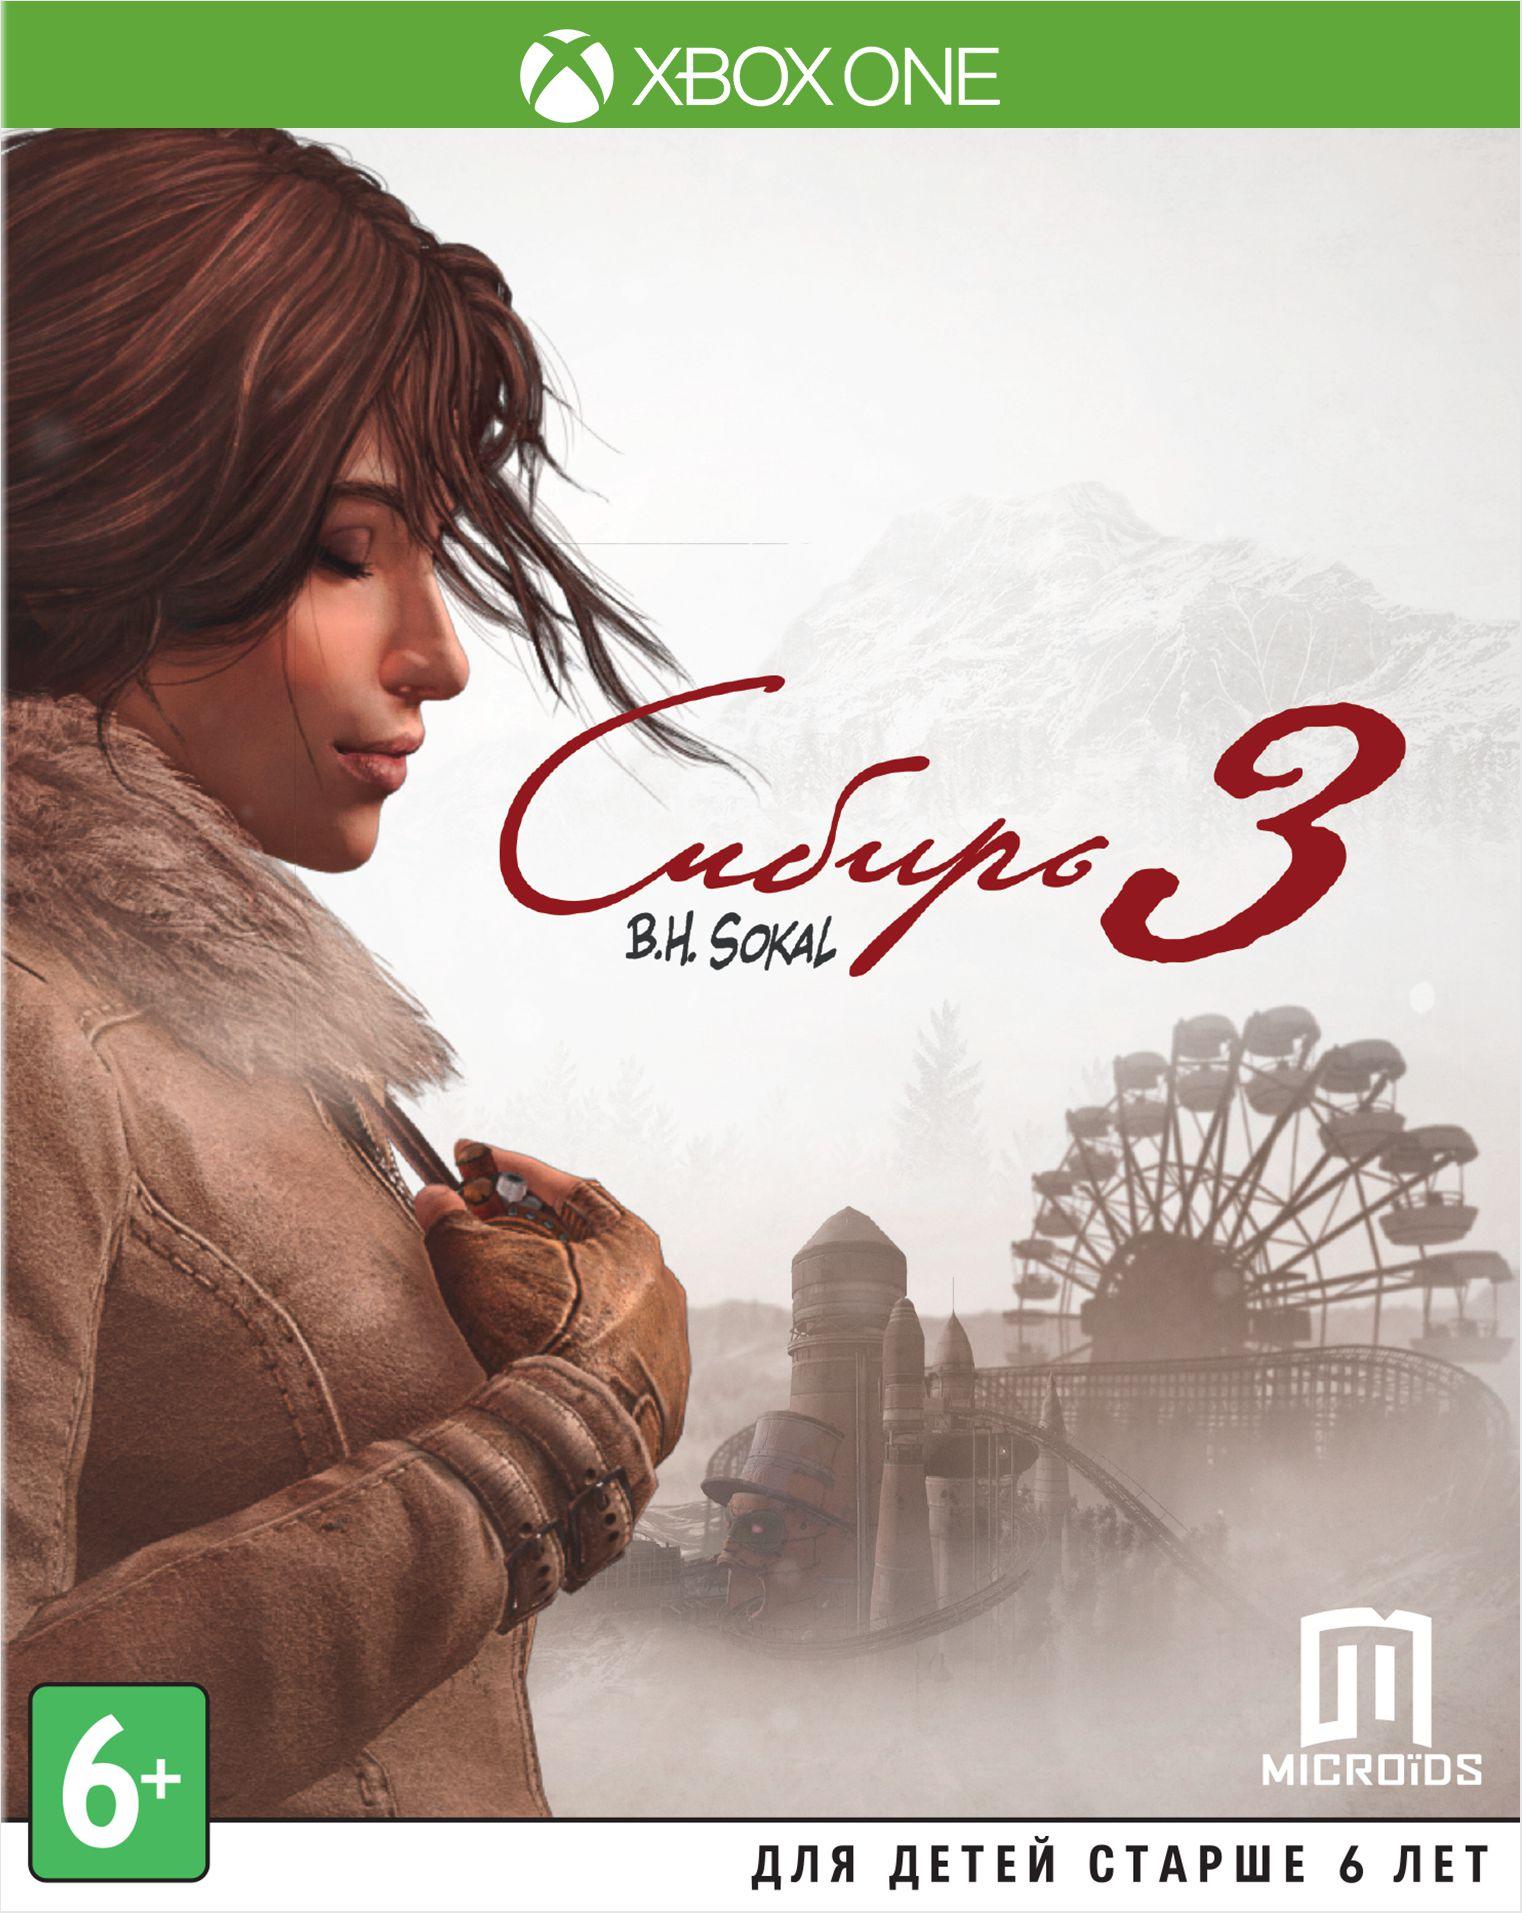 Сибирь3[XboxOne]Игра Сибирь 3 – совершенно новая история, непохожая на то, что вы могли видеть в первых двух играх серии Syberia. Вас ждут захватывающее повествование и неповторимый художественный стиль Бенуа Сокаля.<br>